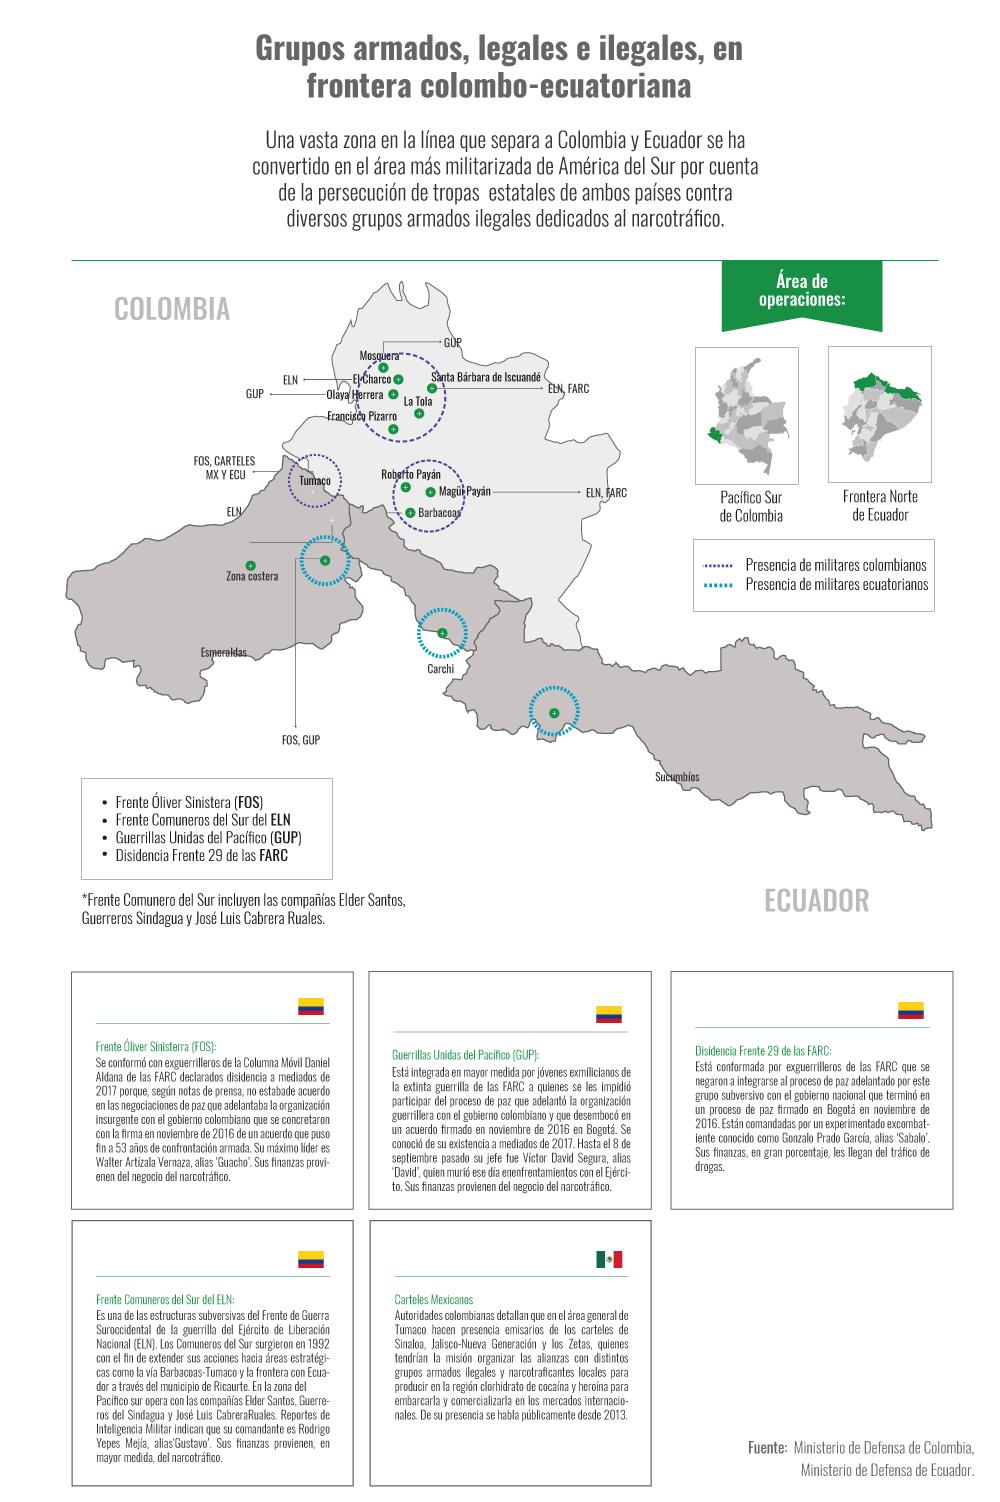 Infografía de grupos armados en la frontera Ecuador-Colombia